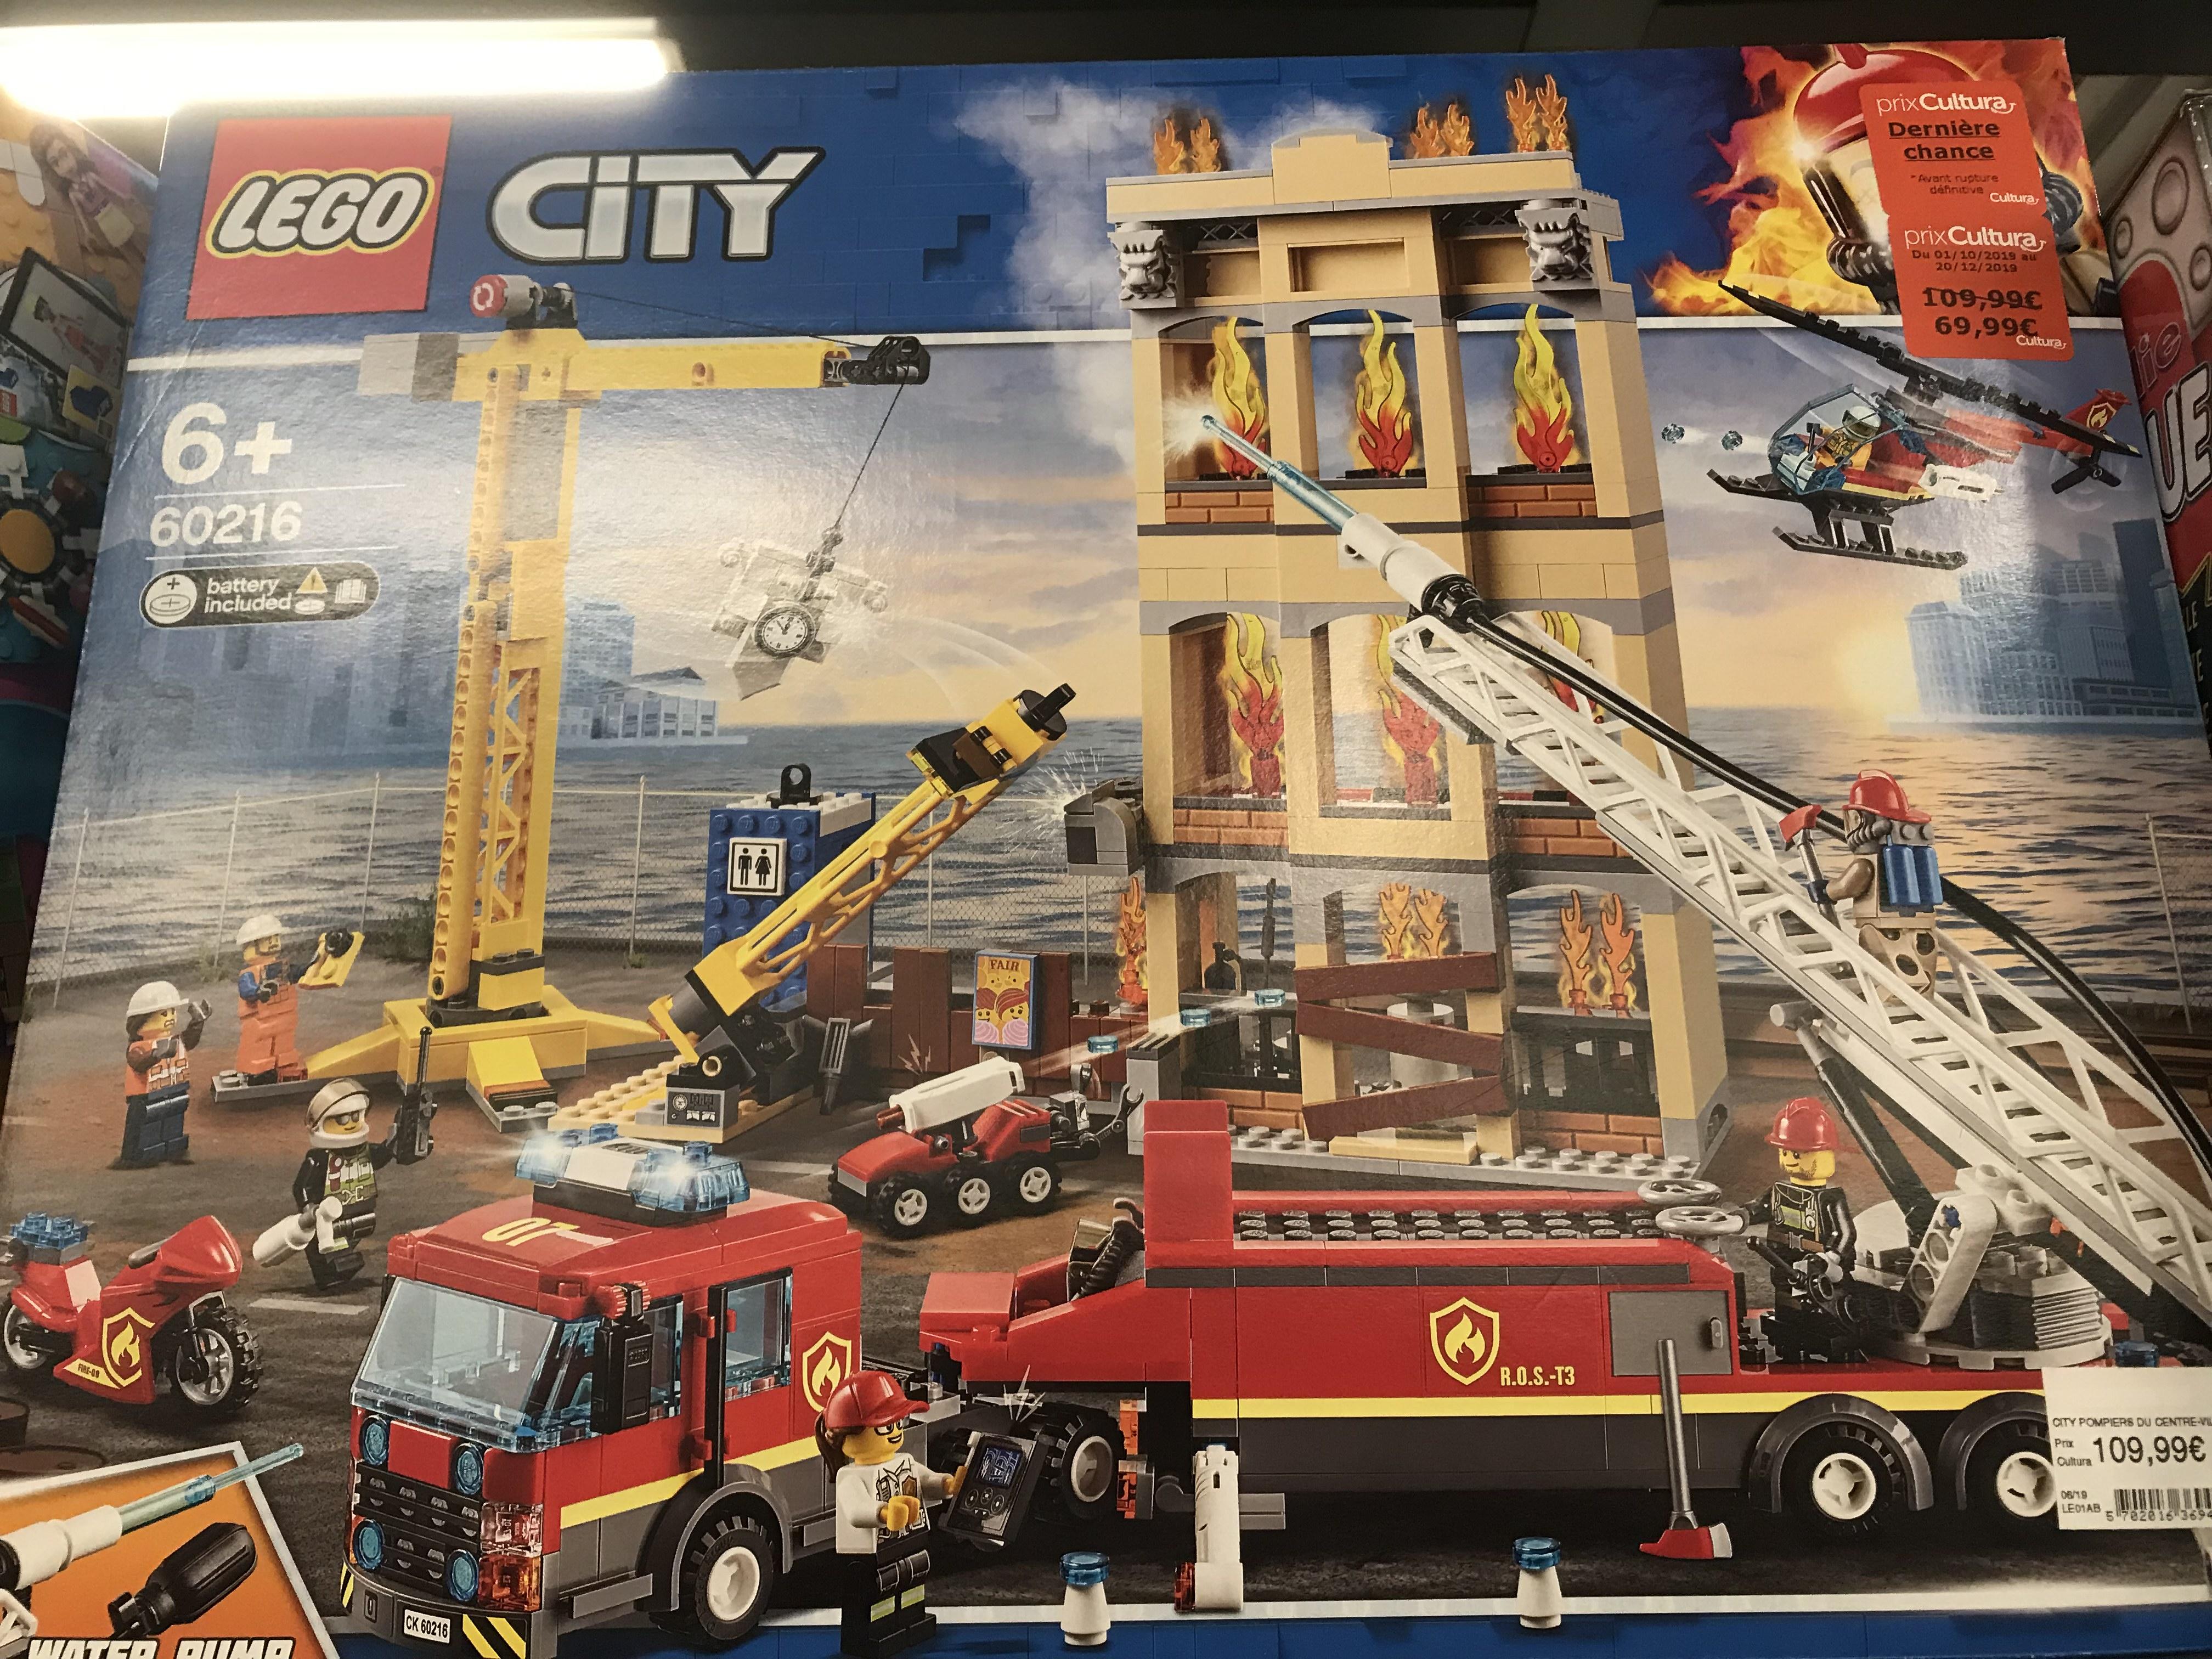 Lego City 60216 - Caserne de pompiers du centre ville - Mondeville (14)